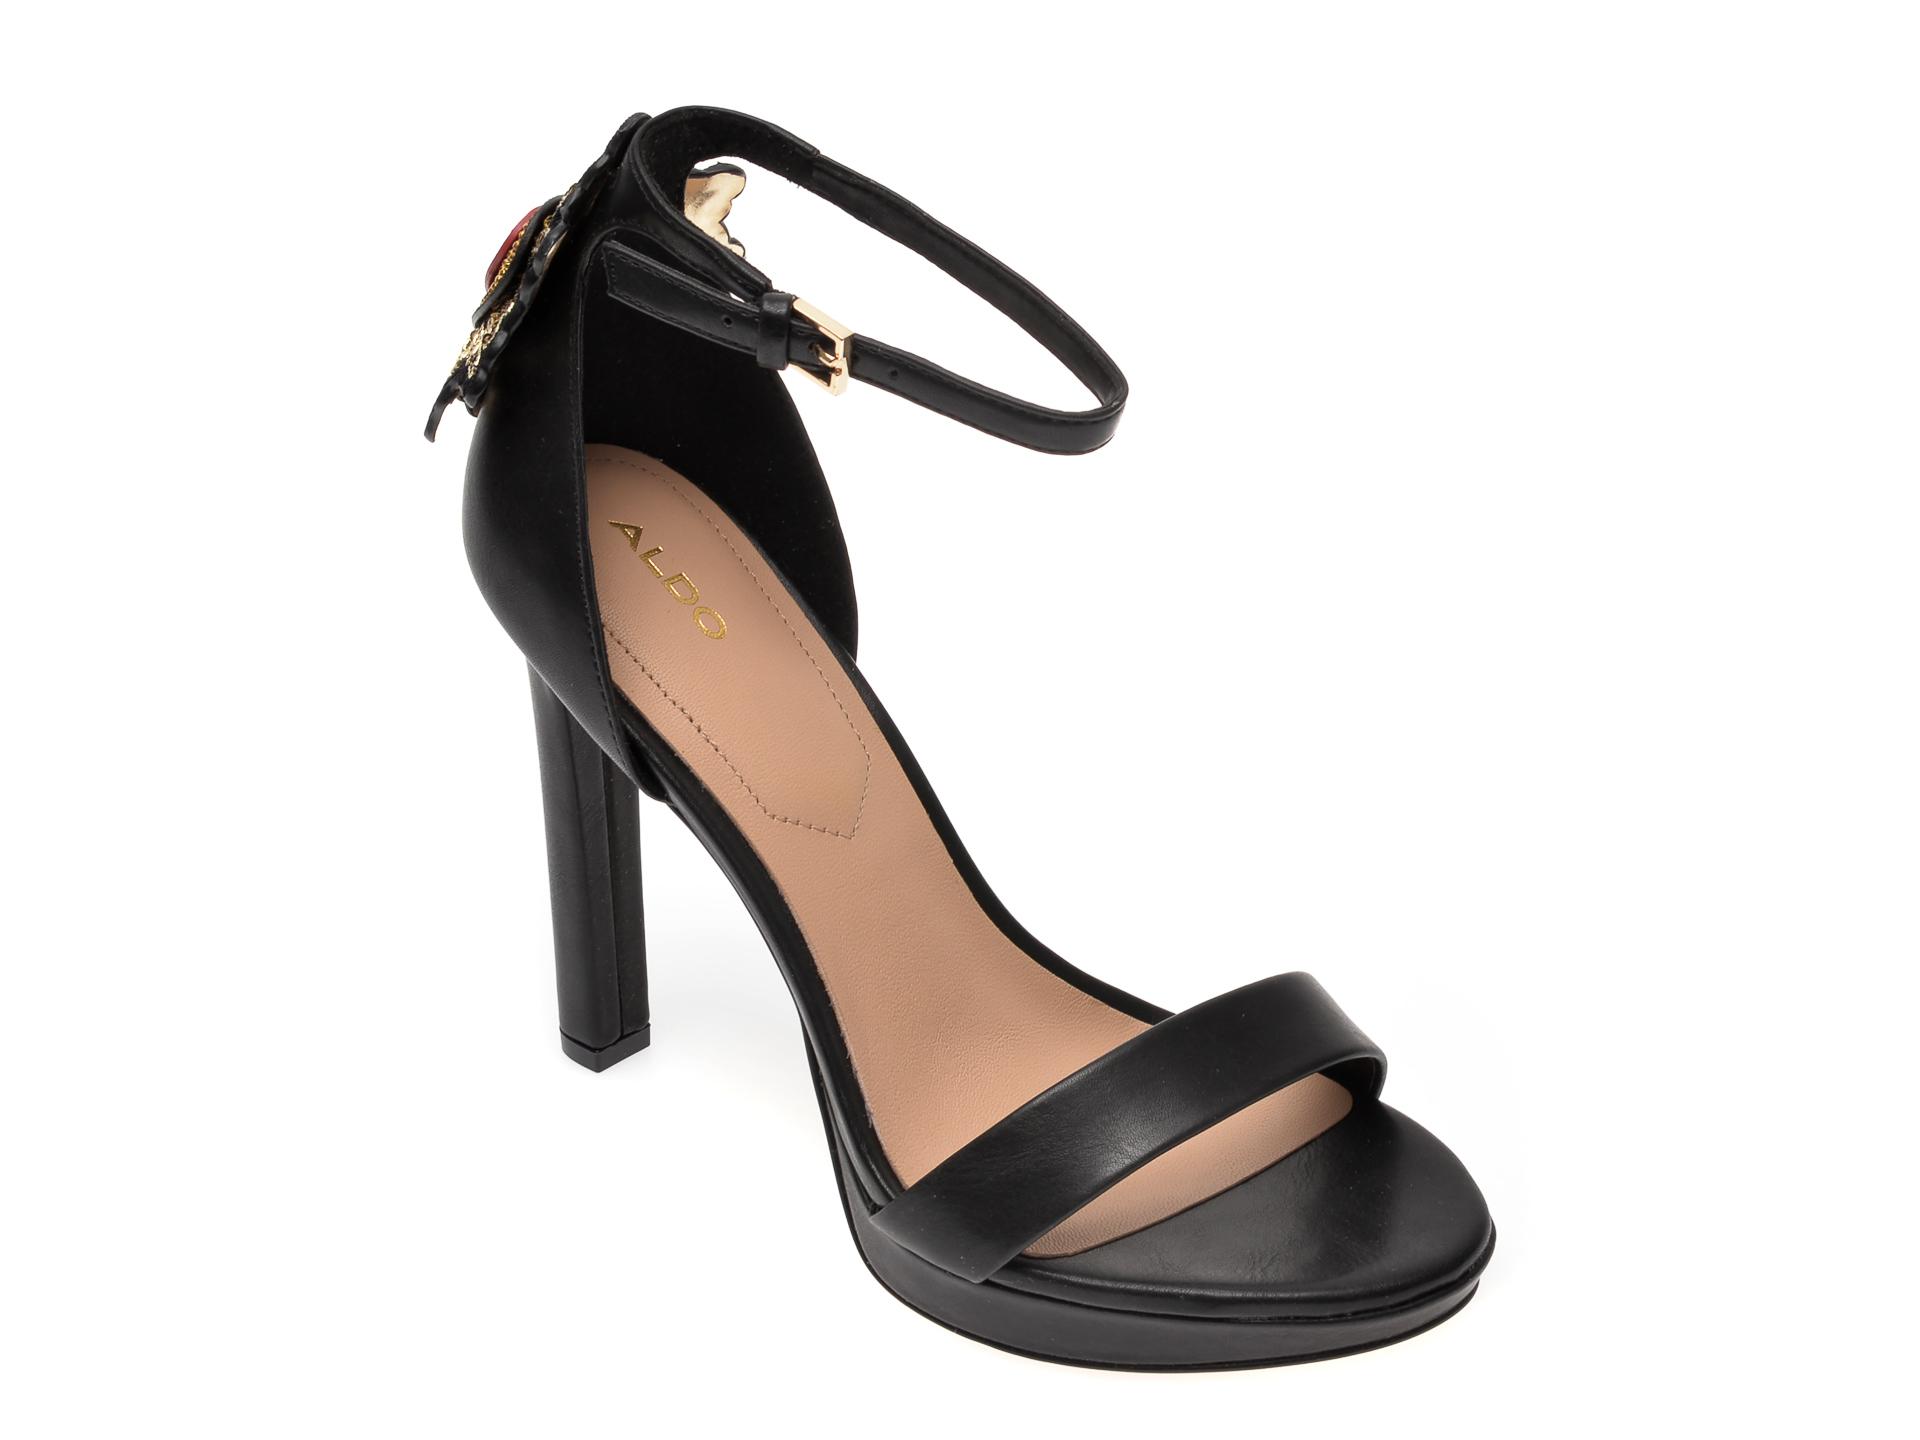 Sandale ALDO negre, Valentini001, din piele ecologica imagine otter.ro 2021